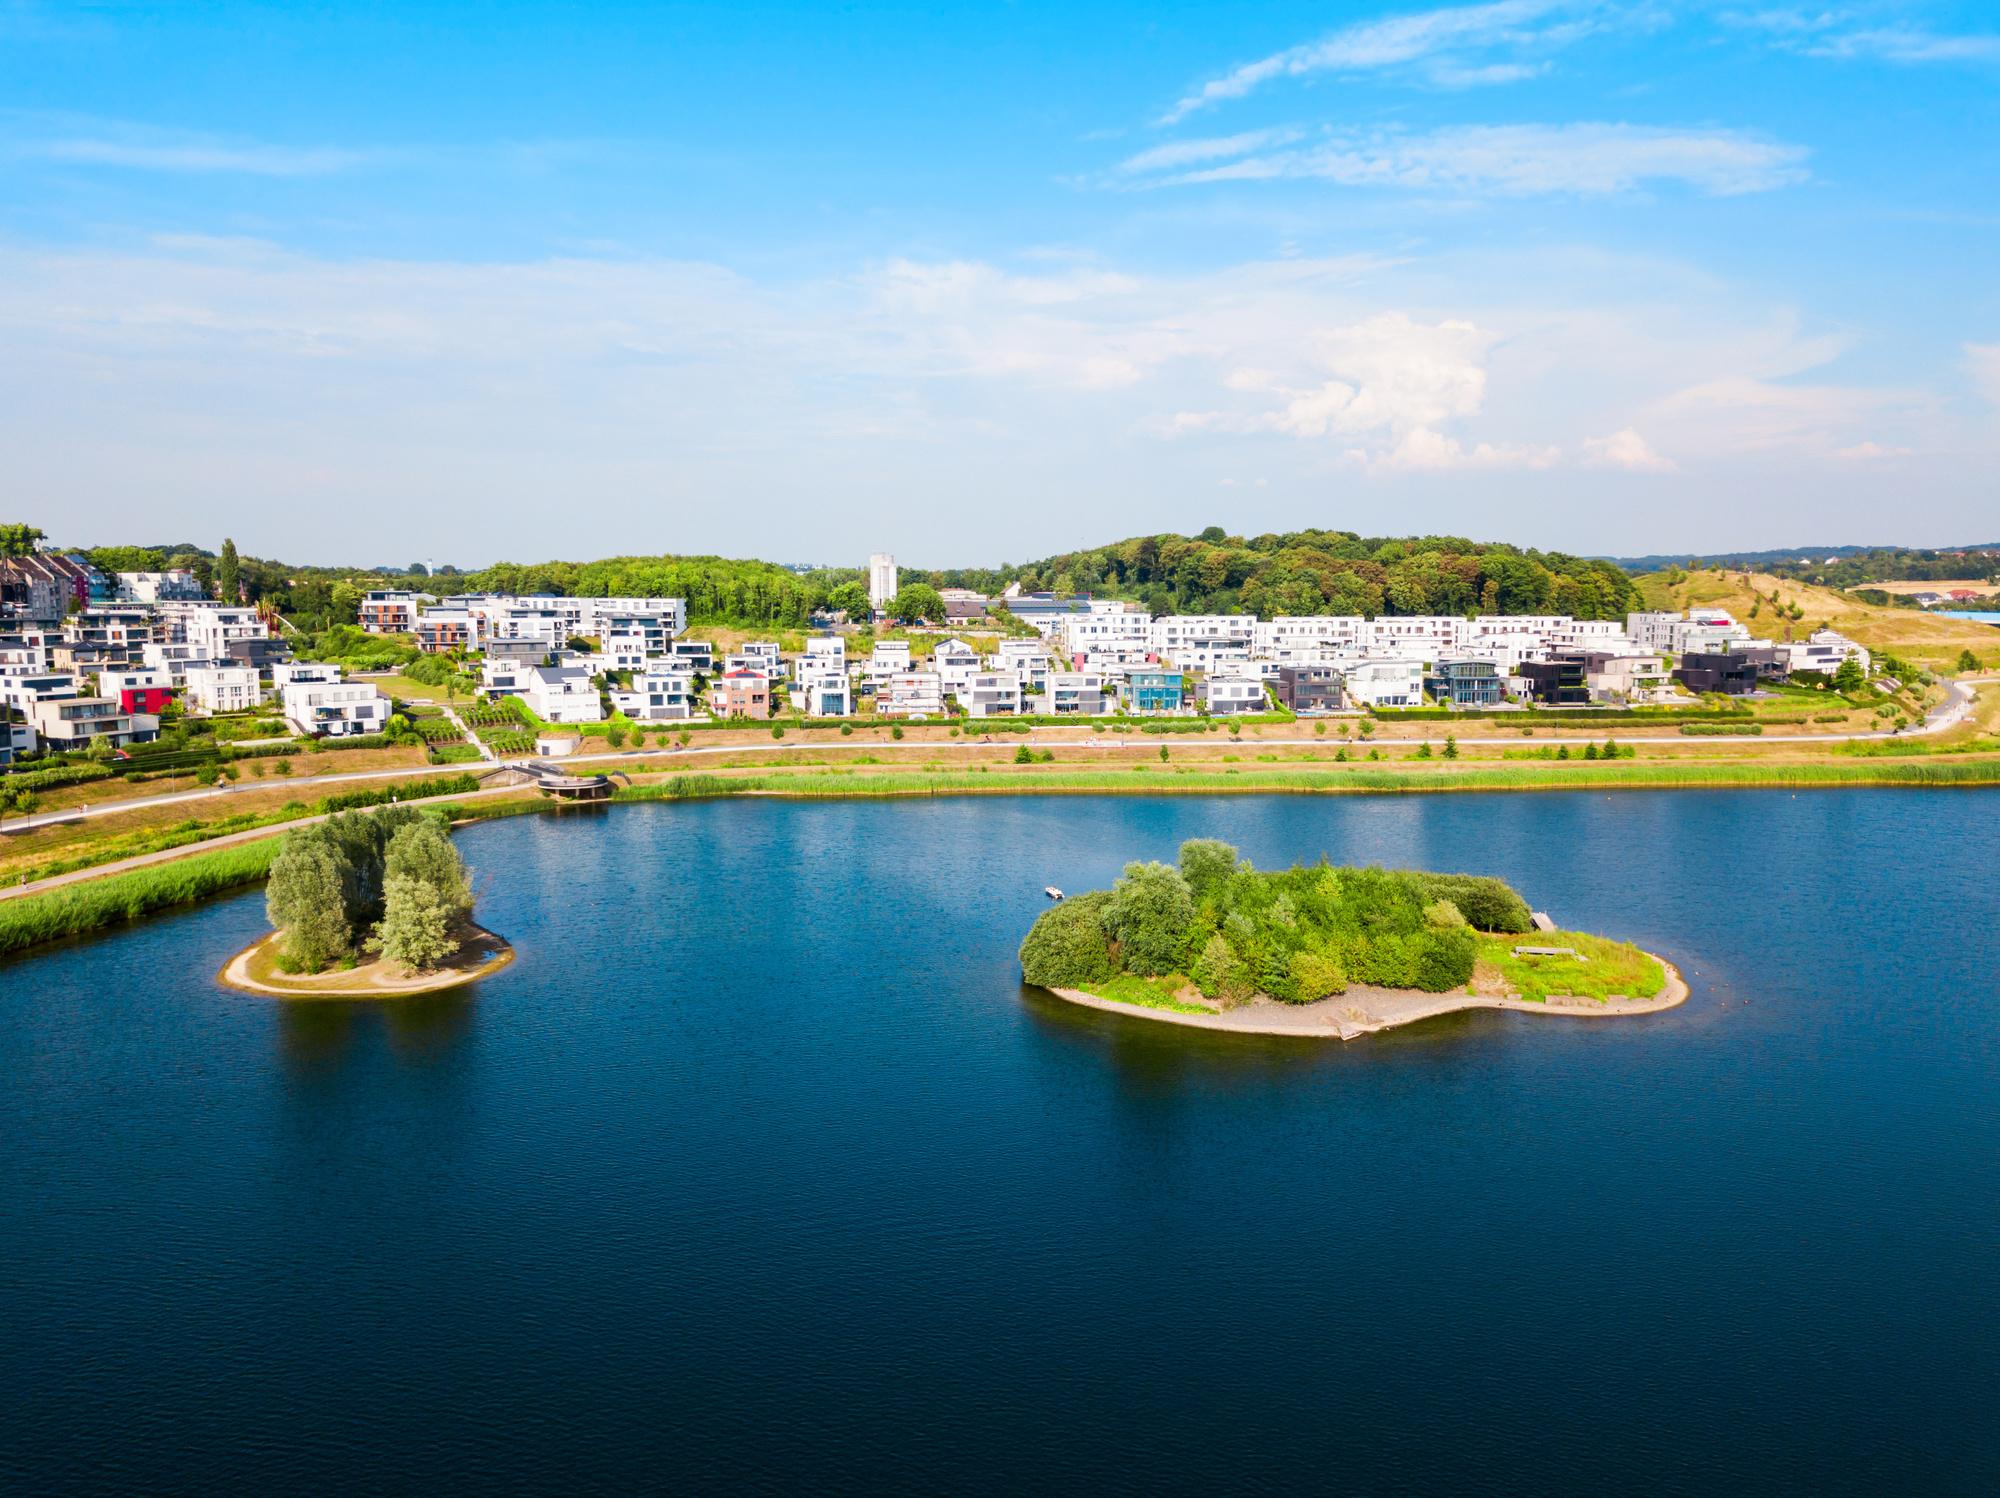 Phoenix See, kunstmatig aangelegd meer in Dortmund, Getty